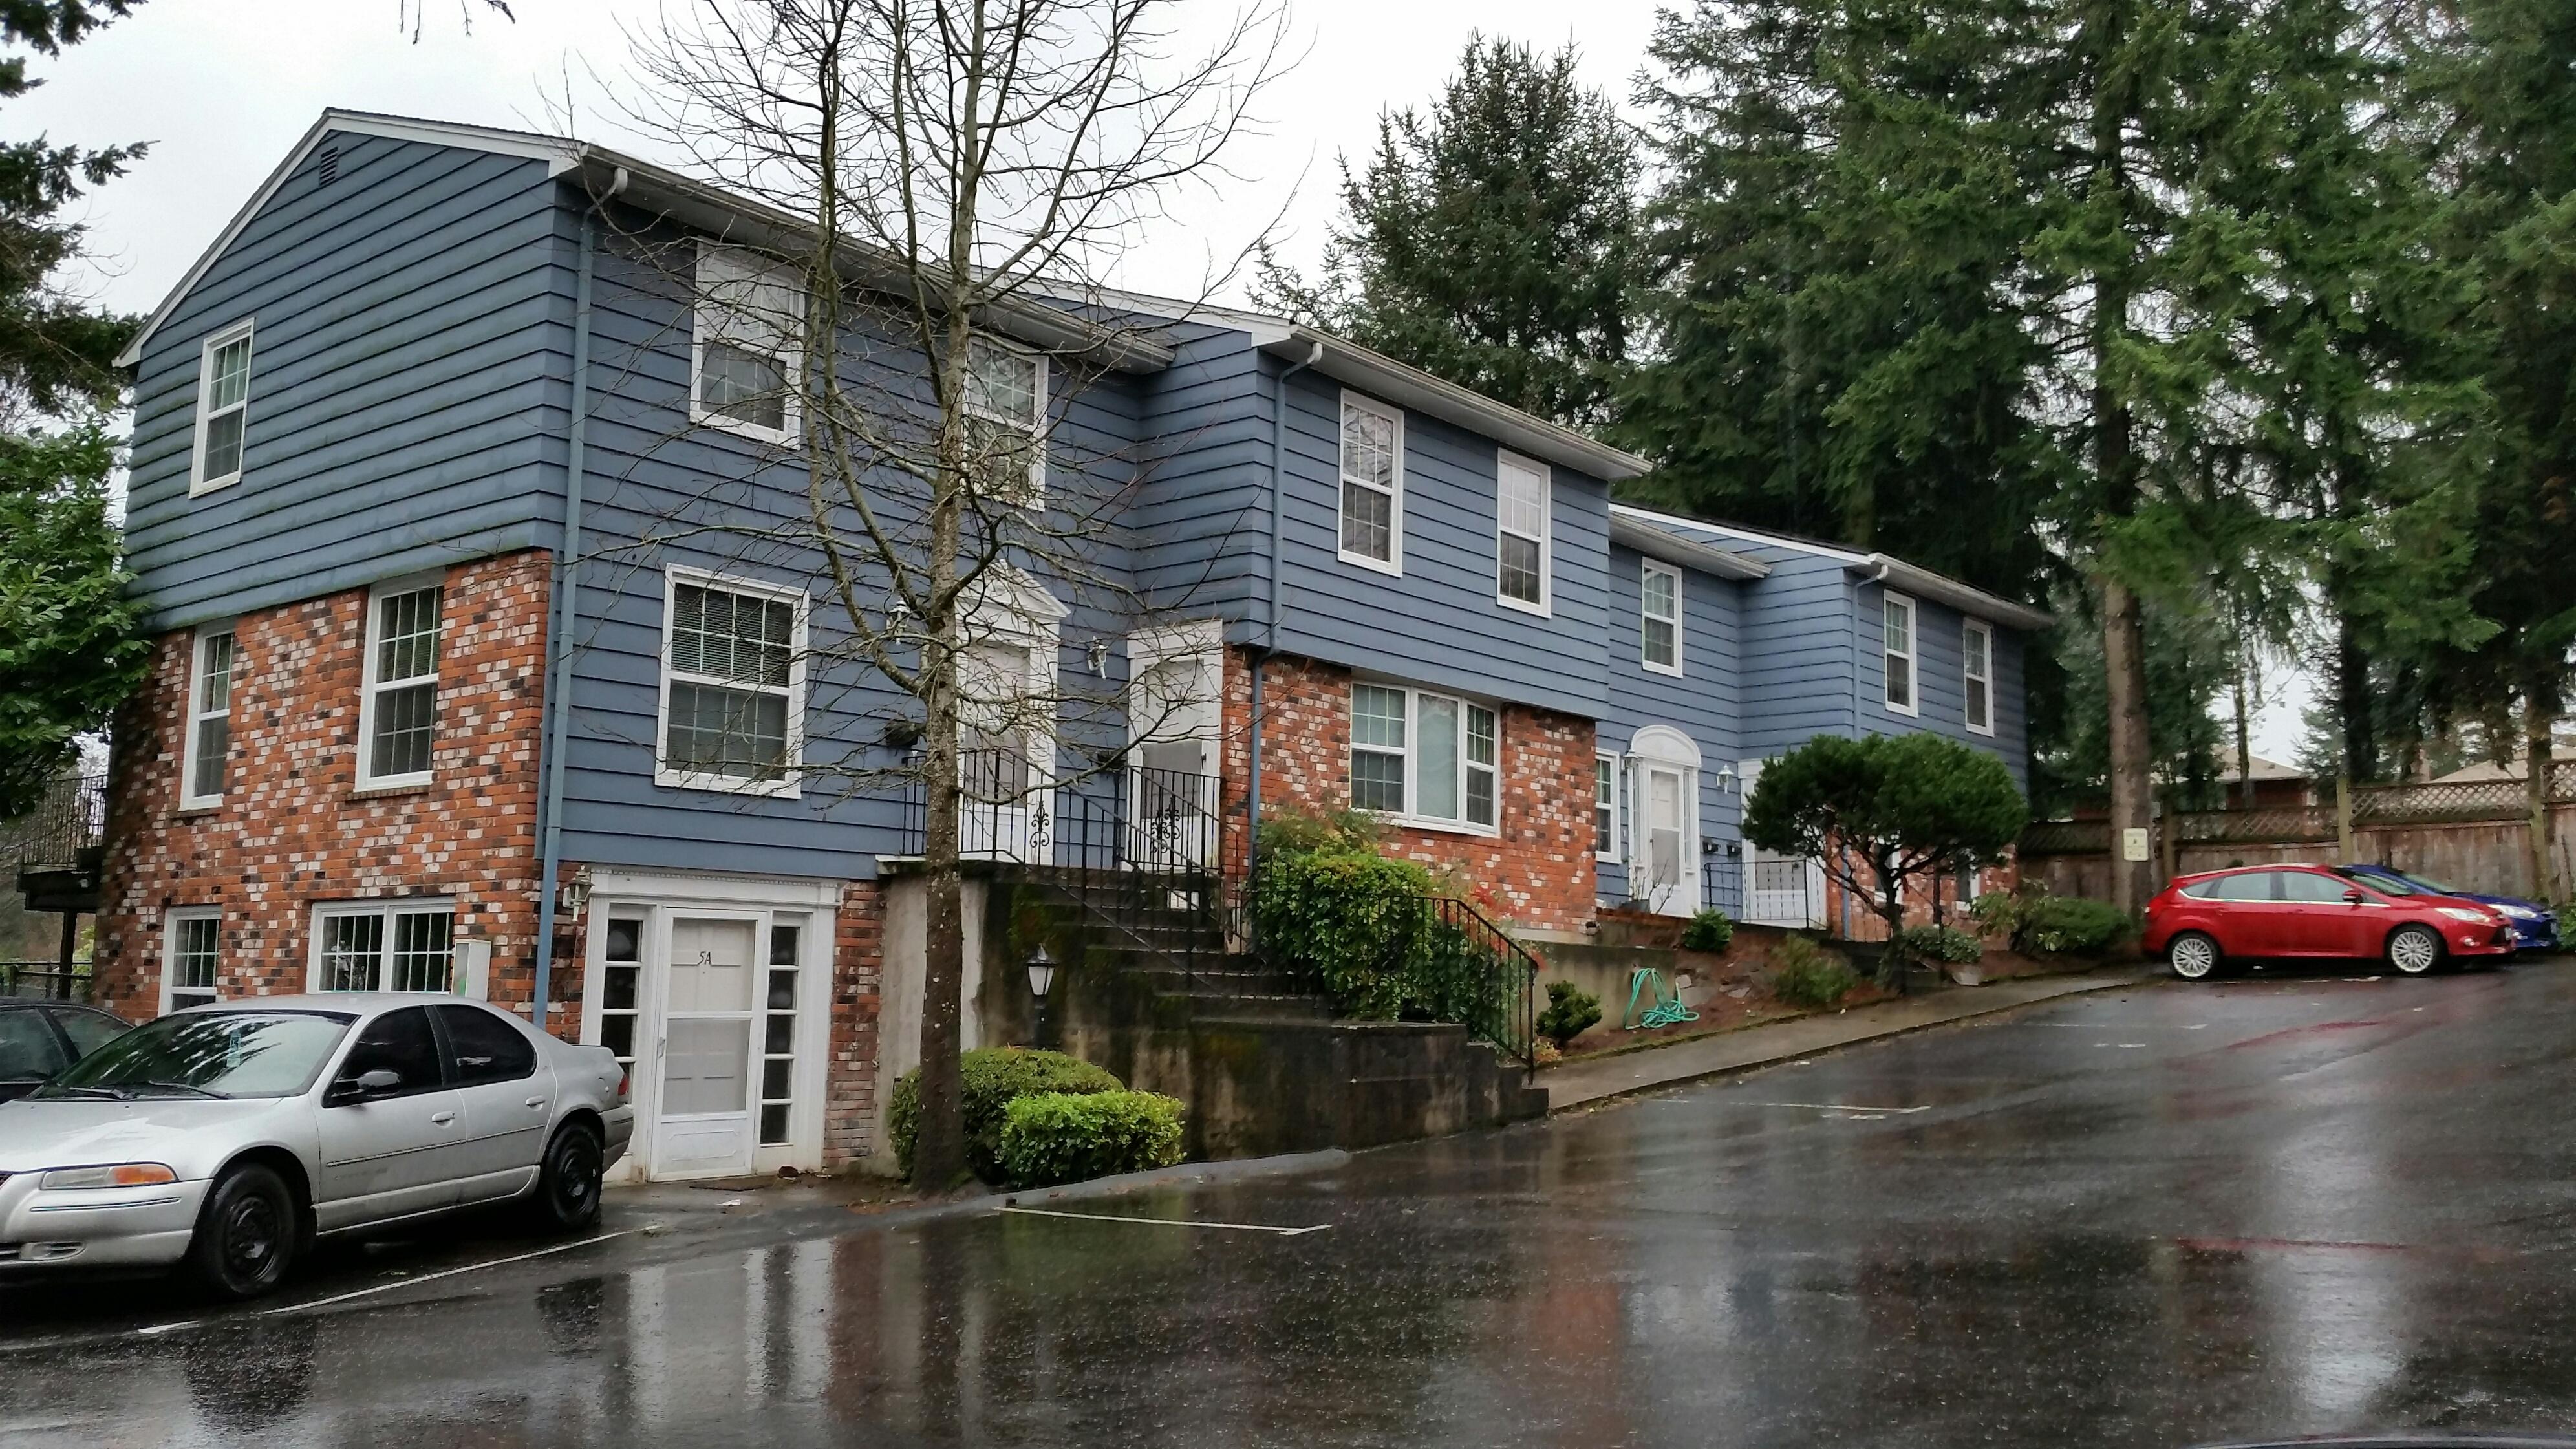 Investment Real Estate - Gresham, Oregon - Property Detail ...